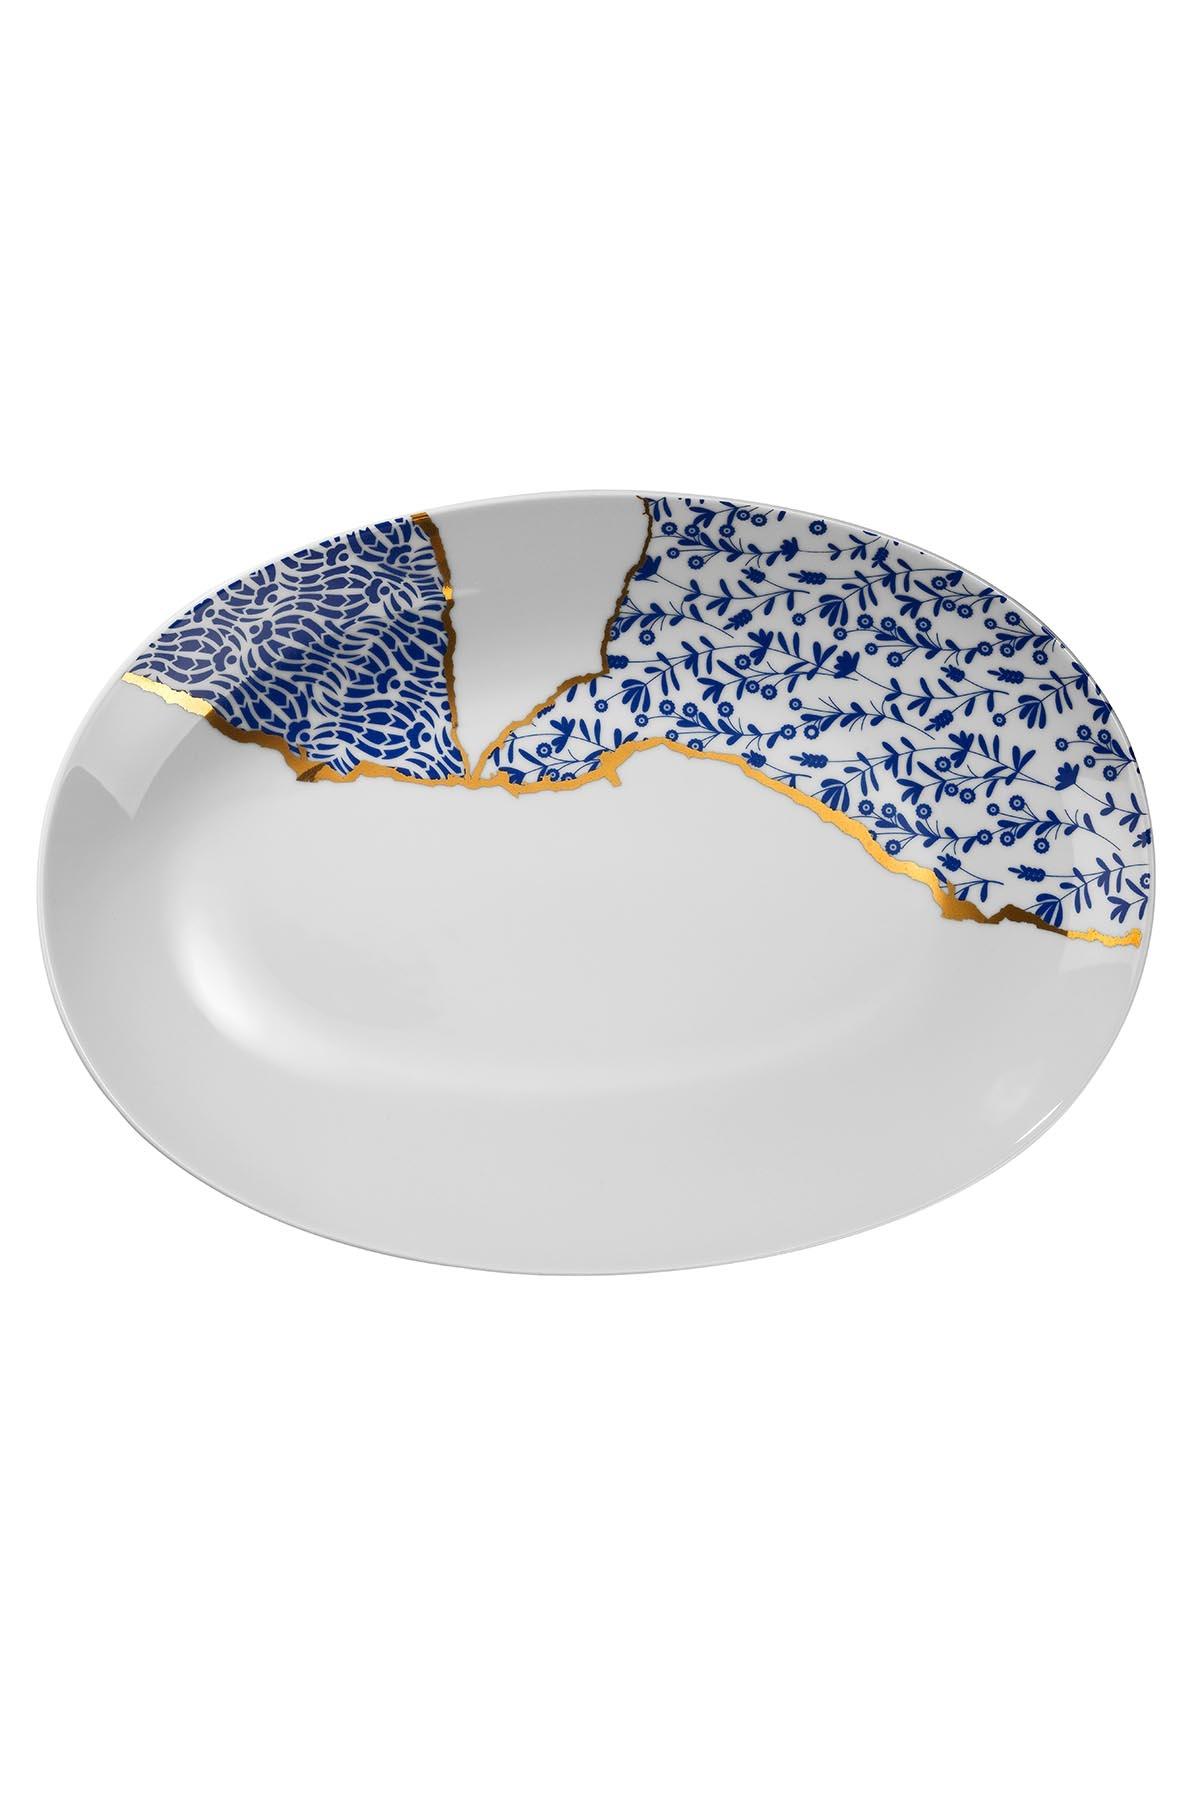 Kütahya Porselen Zeugma Kintsugi 28 Parça Yemek Takımı